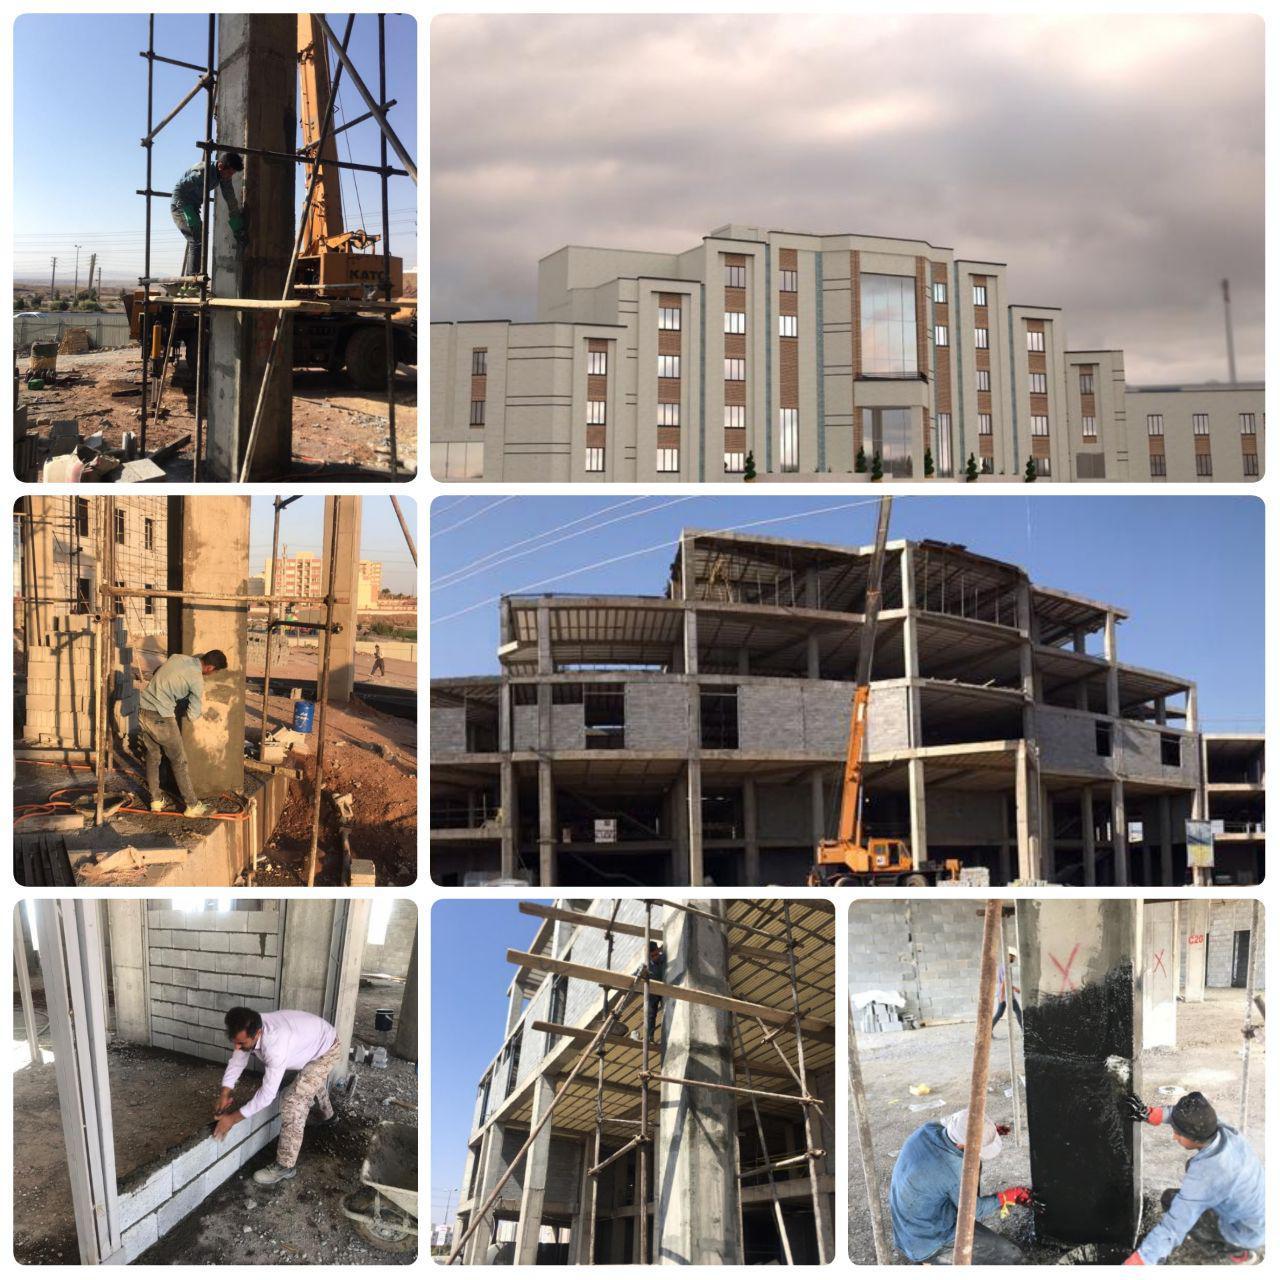 پیشرفت قابل توجه عملیات احداث ساختمان مرکزی شهرداری پرند